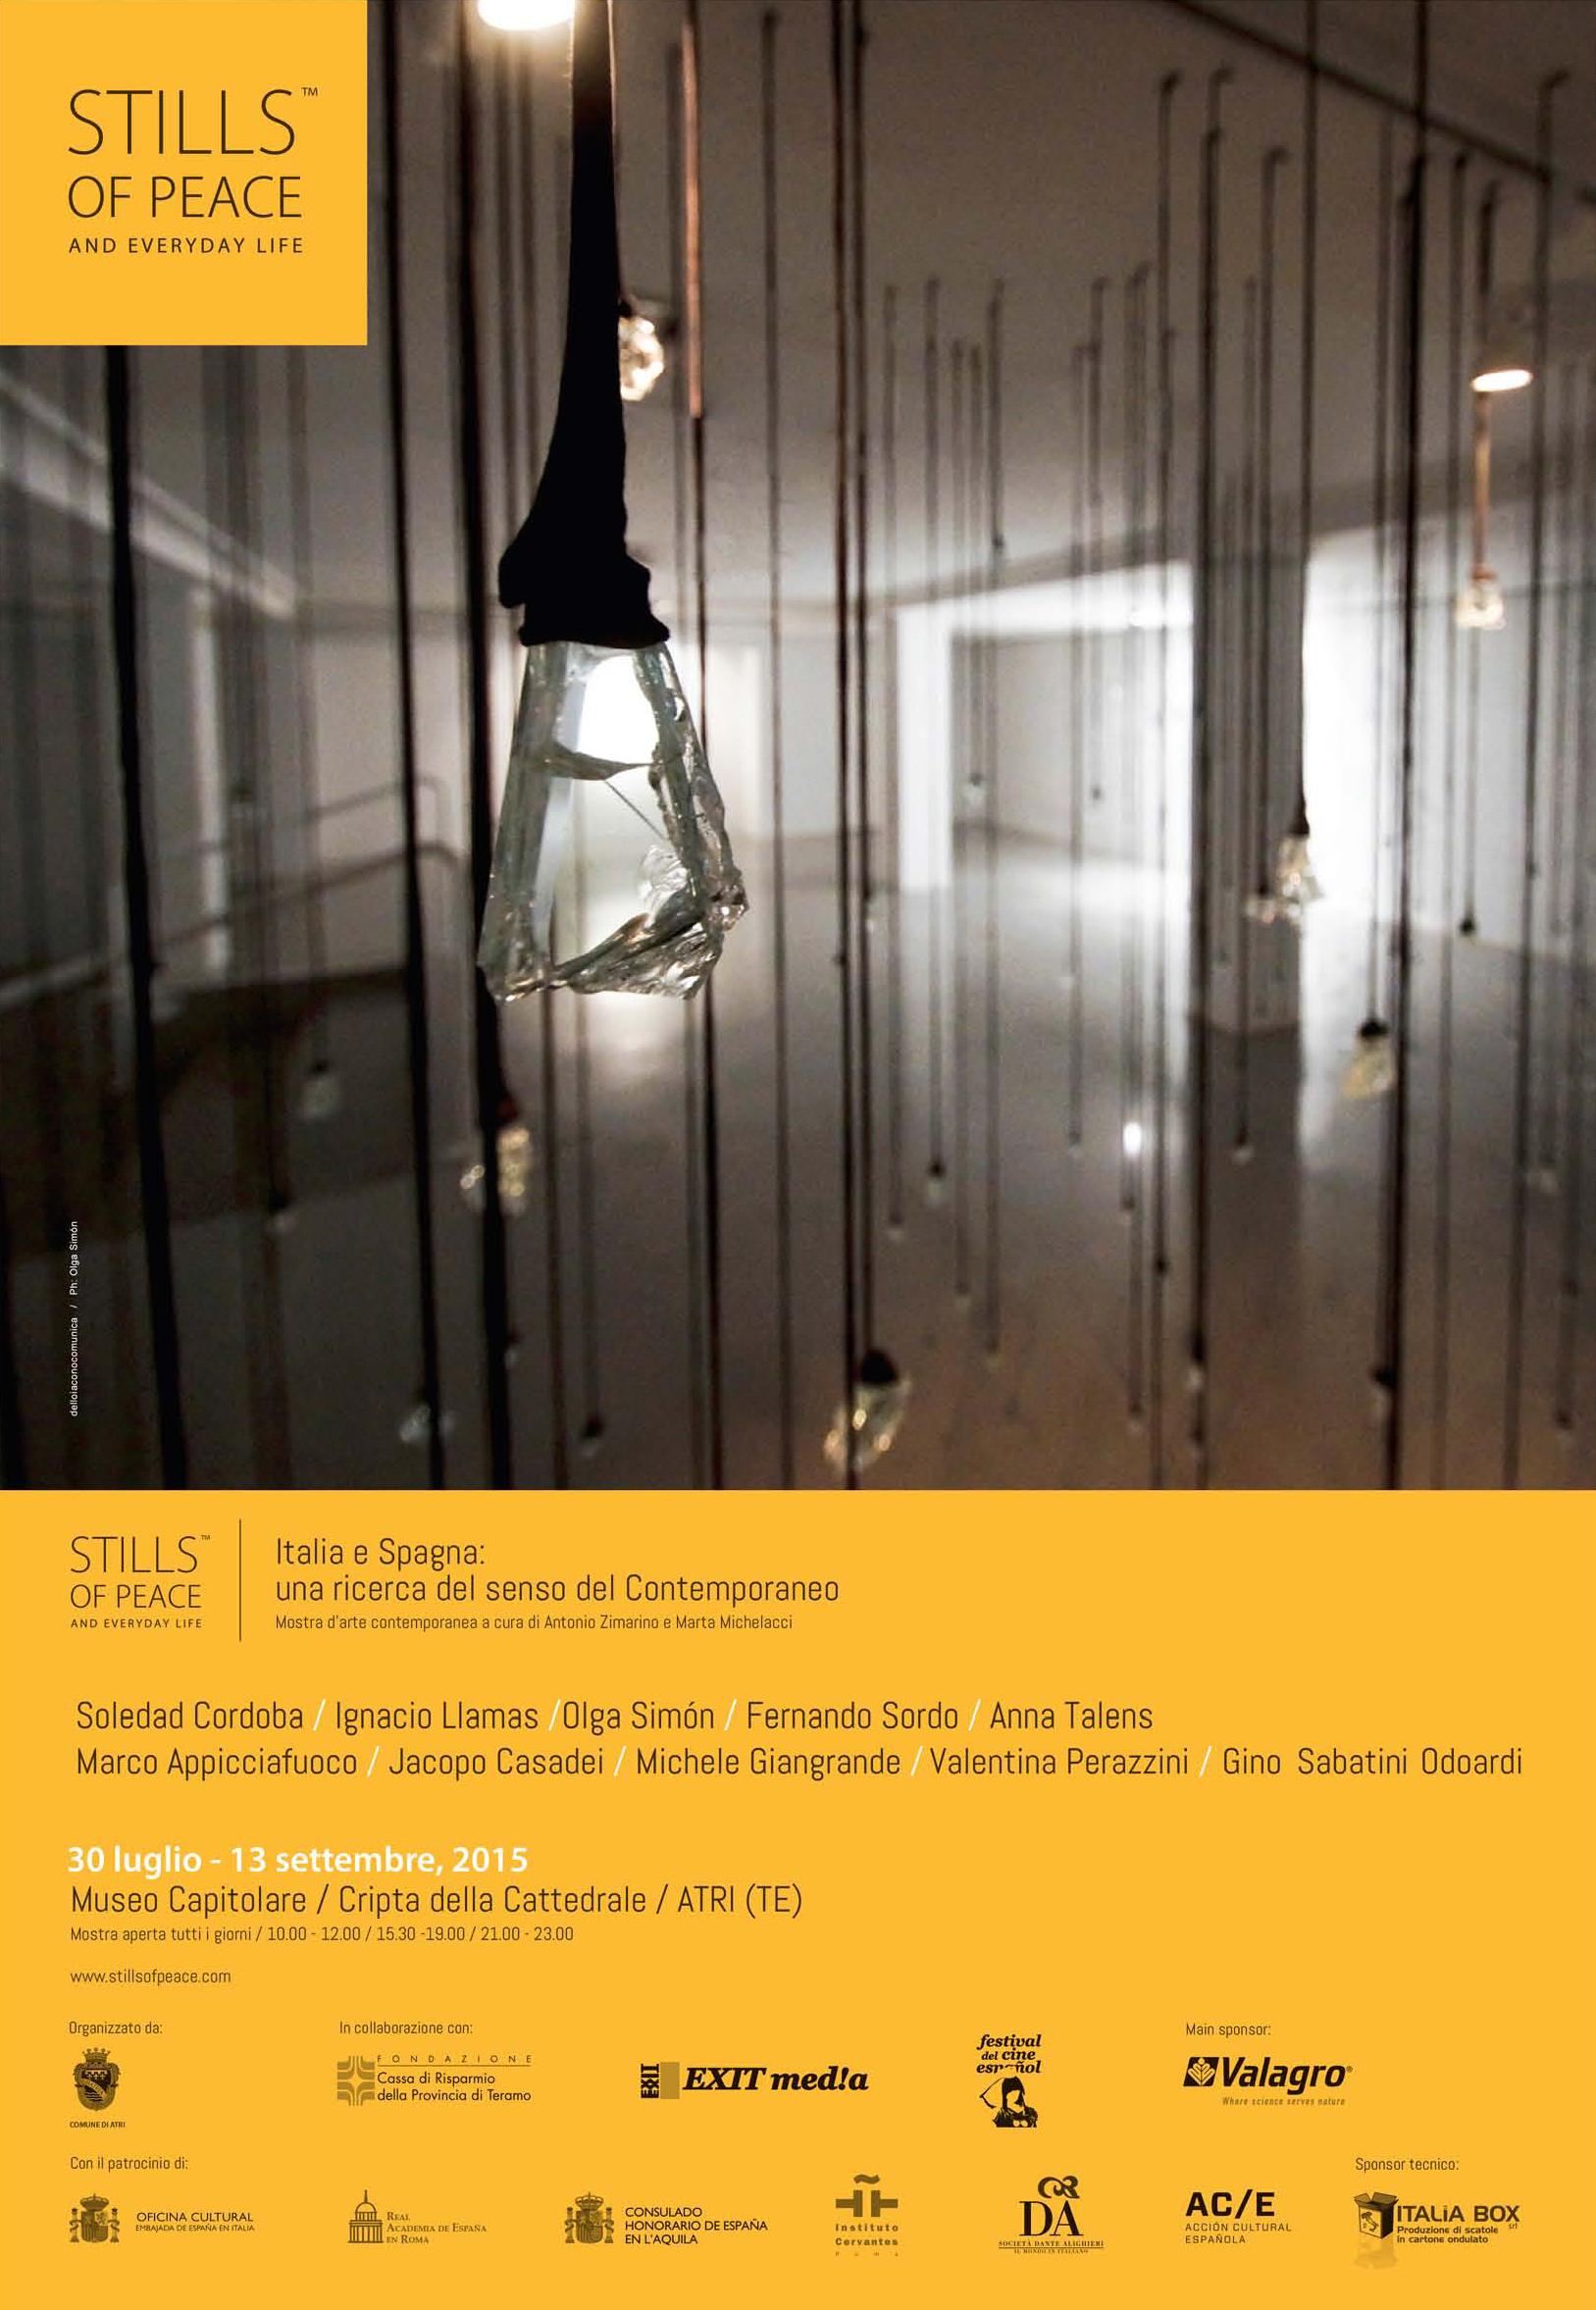 Poster Stills of peace exhibition exposición - Olga Simón, Atri Italy italia